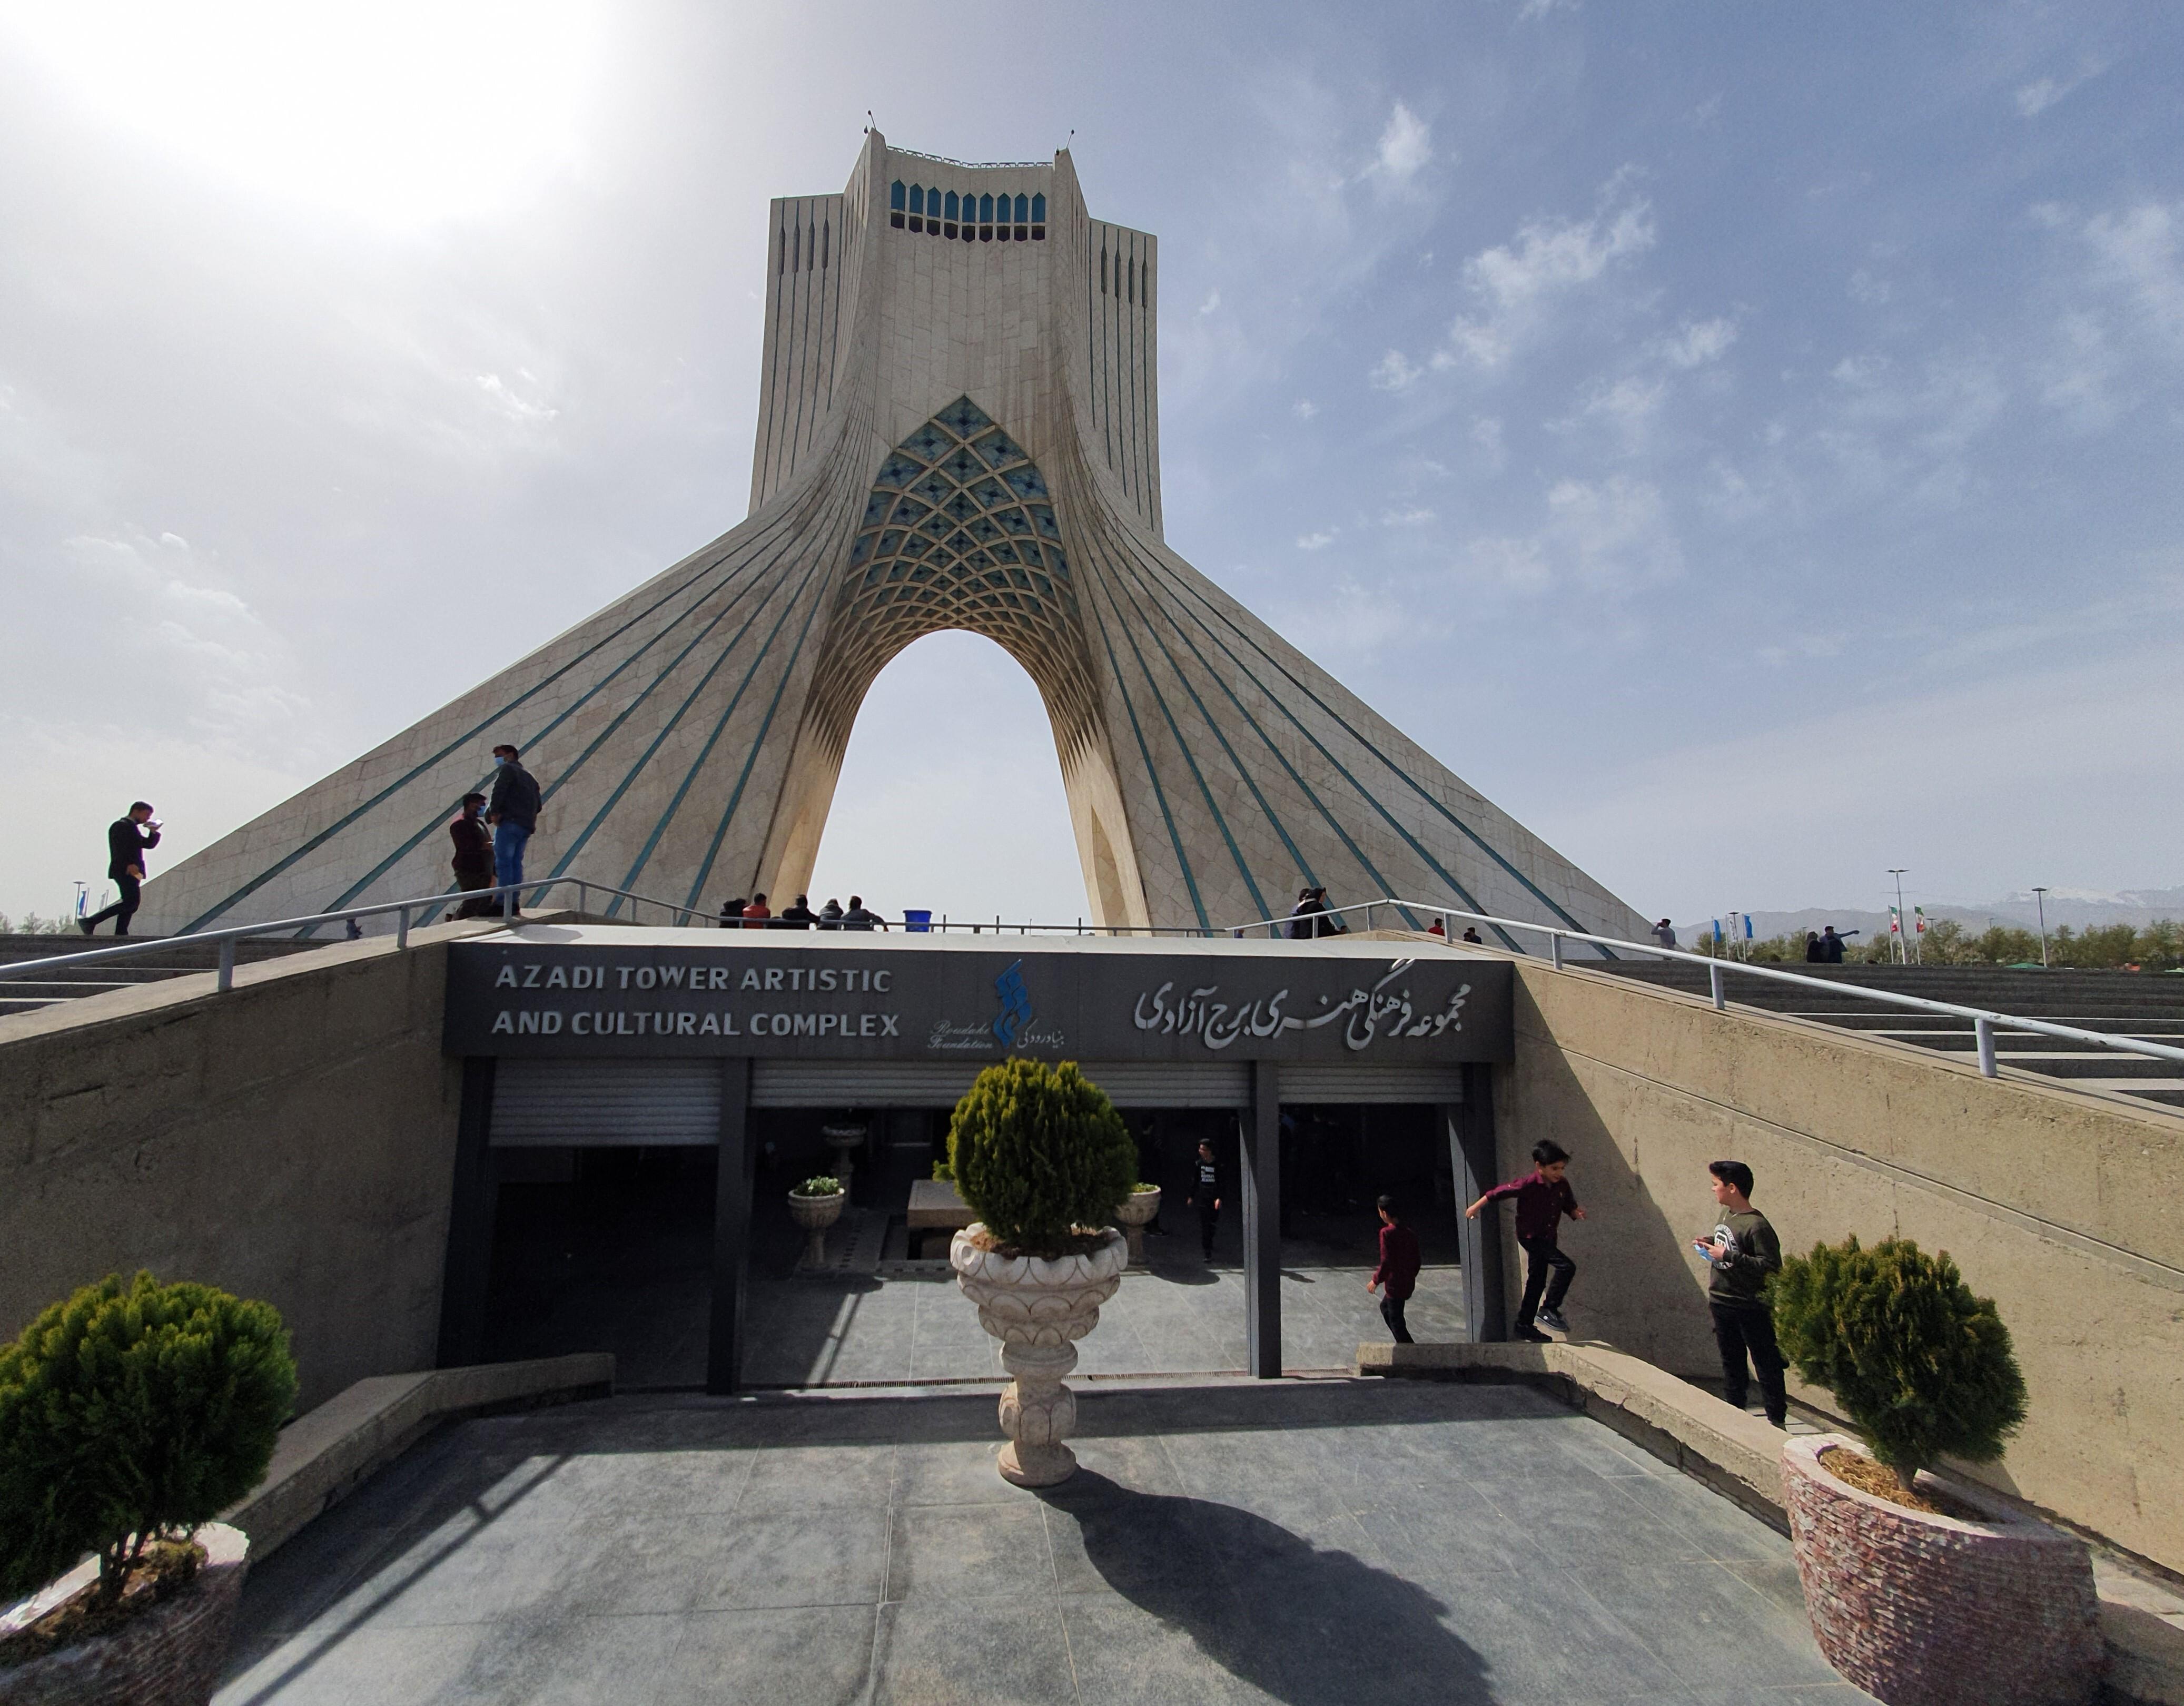 نکاتی مهم درباره برج آزادی، نماد پایتخت